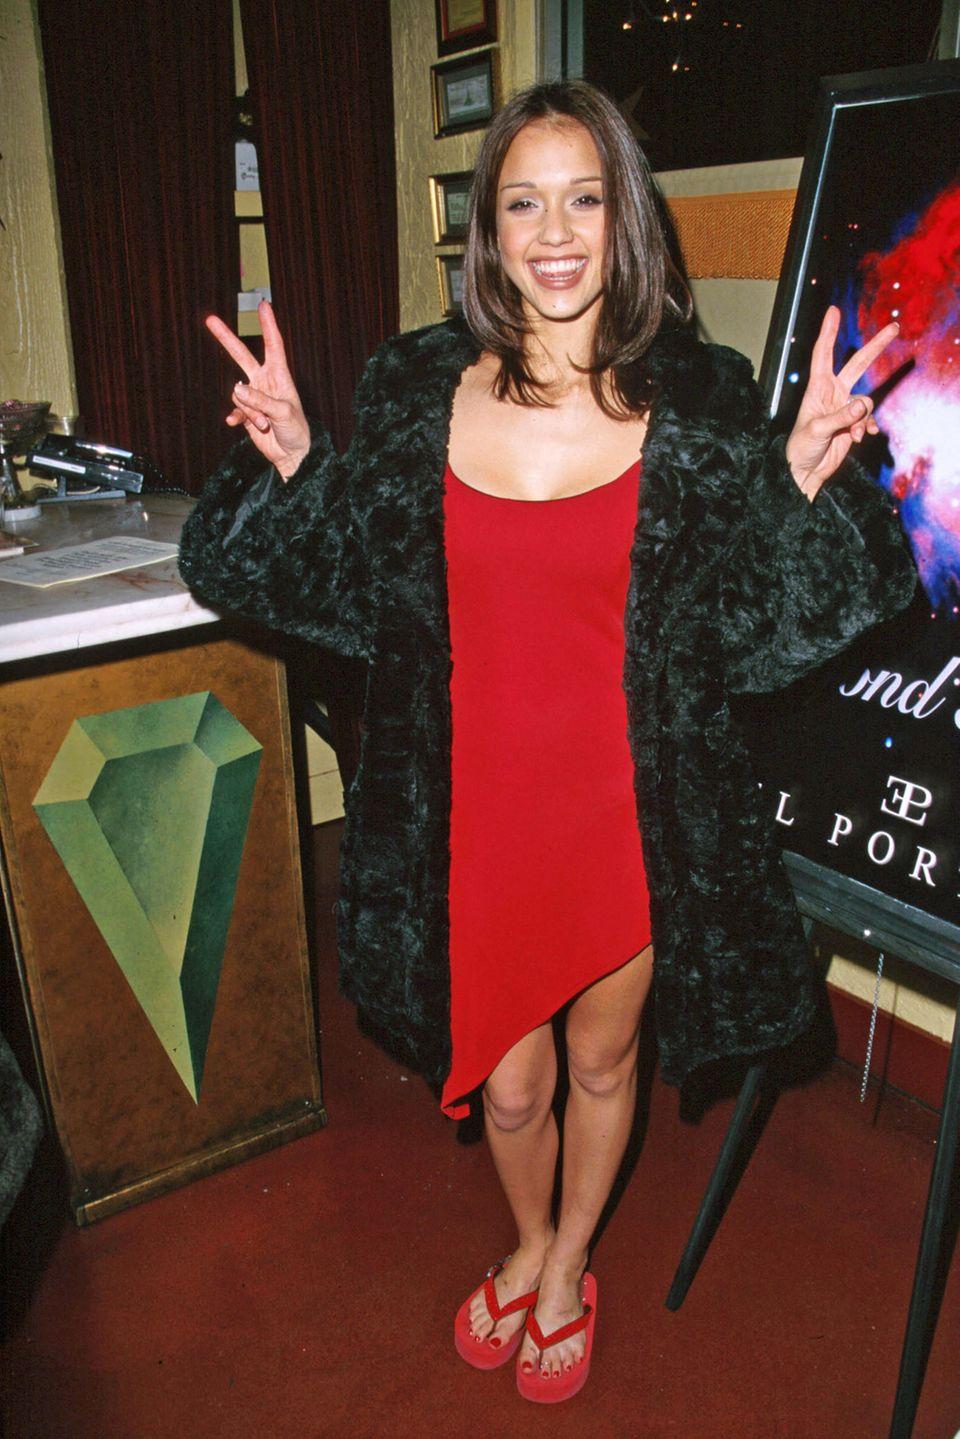 2000  Um die Jahrtausendwende herum nimmt die Schauspielkarriere von Jessica Alba immer mehr an Fahrt auf. Im Februar 2000 zeigt sie sich in einem mädchenhaften Look. Das asymmetrische rote Kleid umspielt ihre schlanke Figur.IhreHaare trägt die gebürtige Kalifornierin schulterlang und fransig geschnitten. Statt auf High Heels setzt Jessica auf lässige Flipflops.